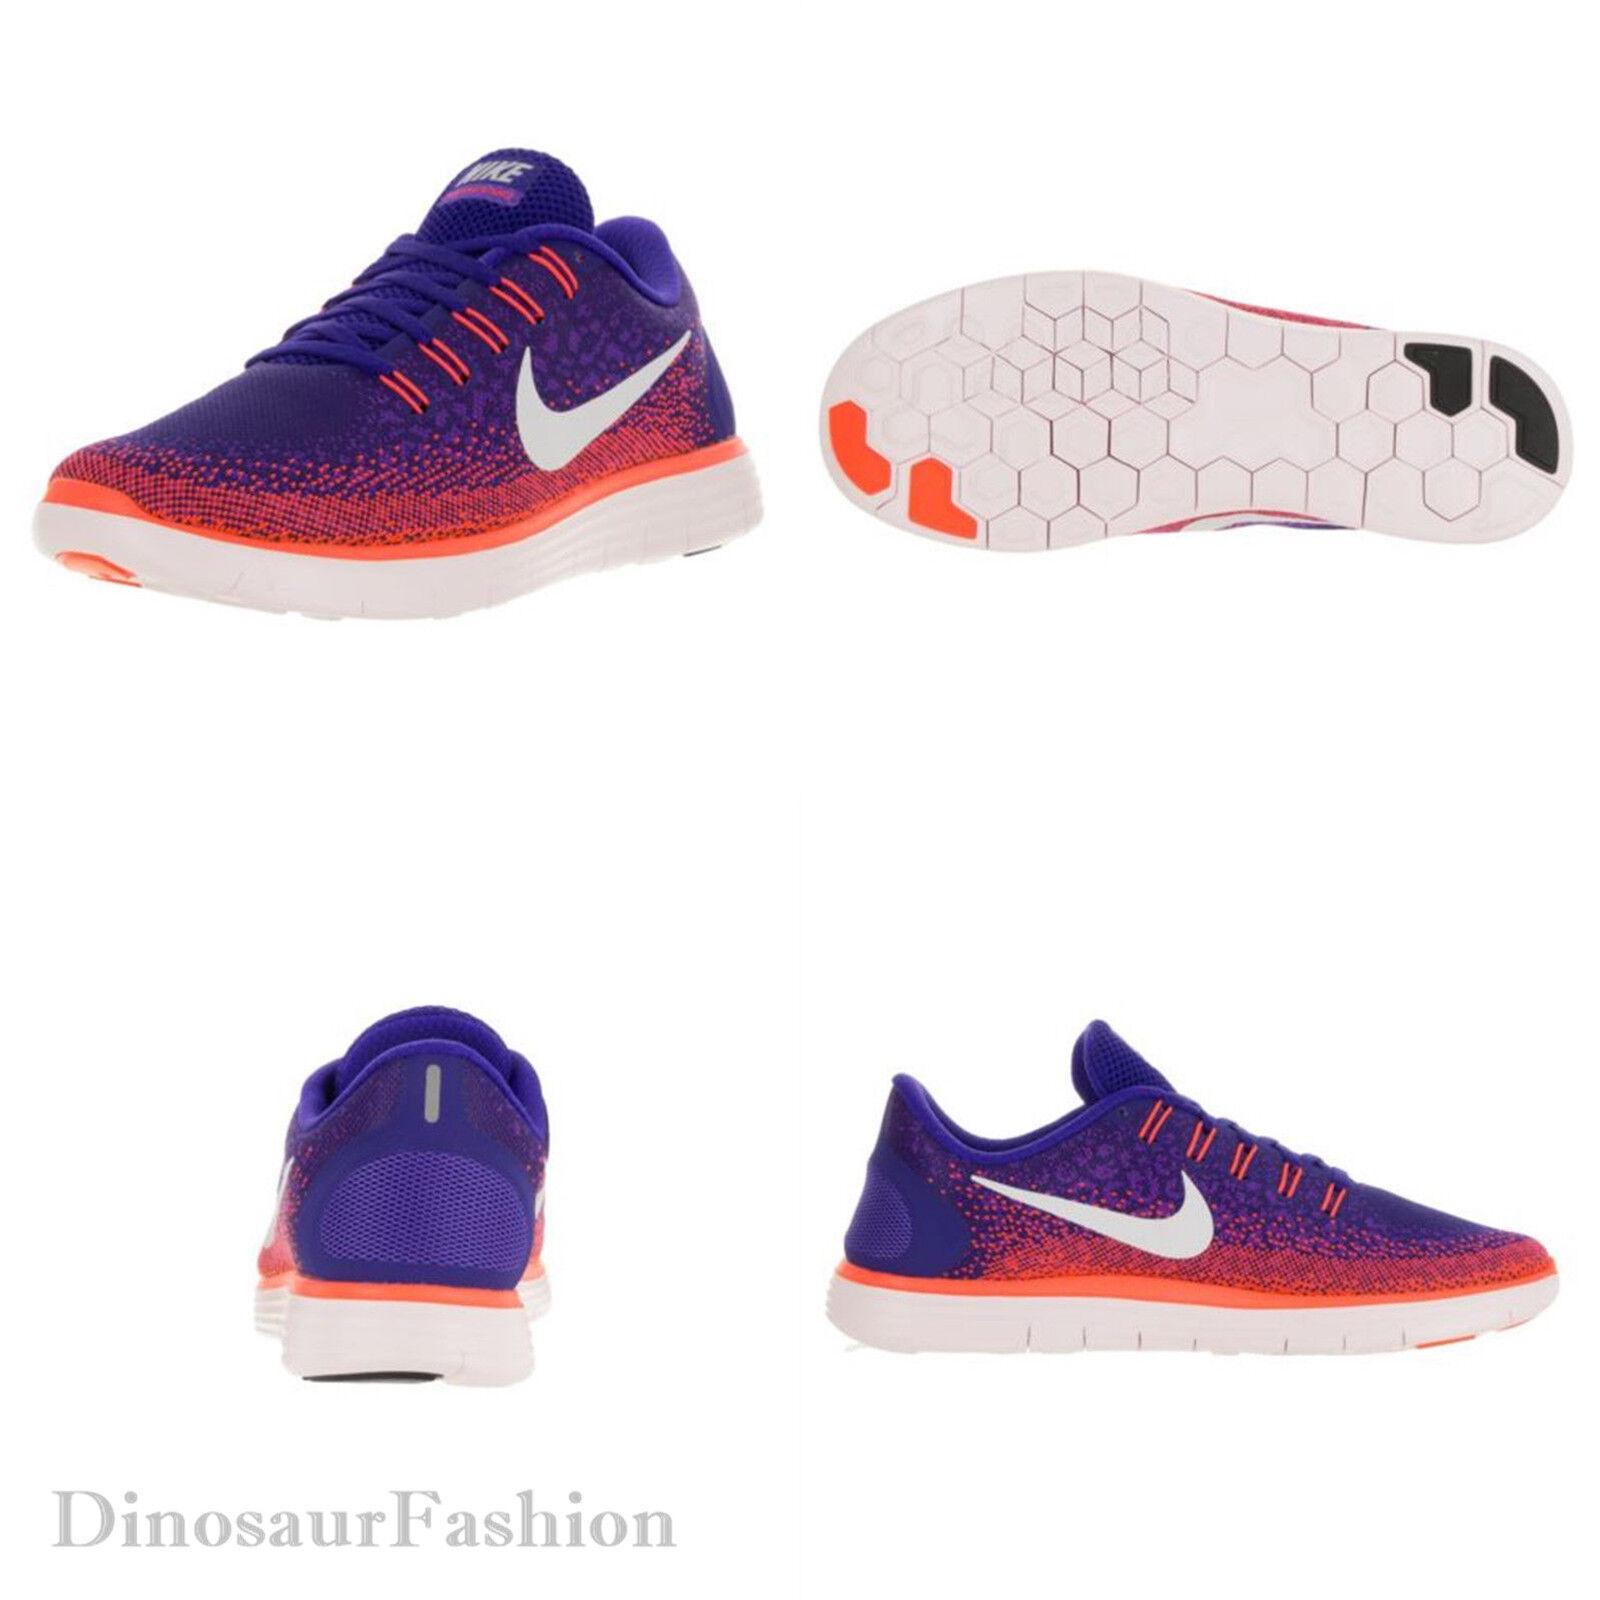 Nike uomini liberi rn distanza (827115 - 402), scarpe da corsa, di nuovo con box